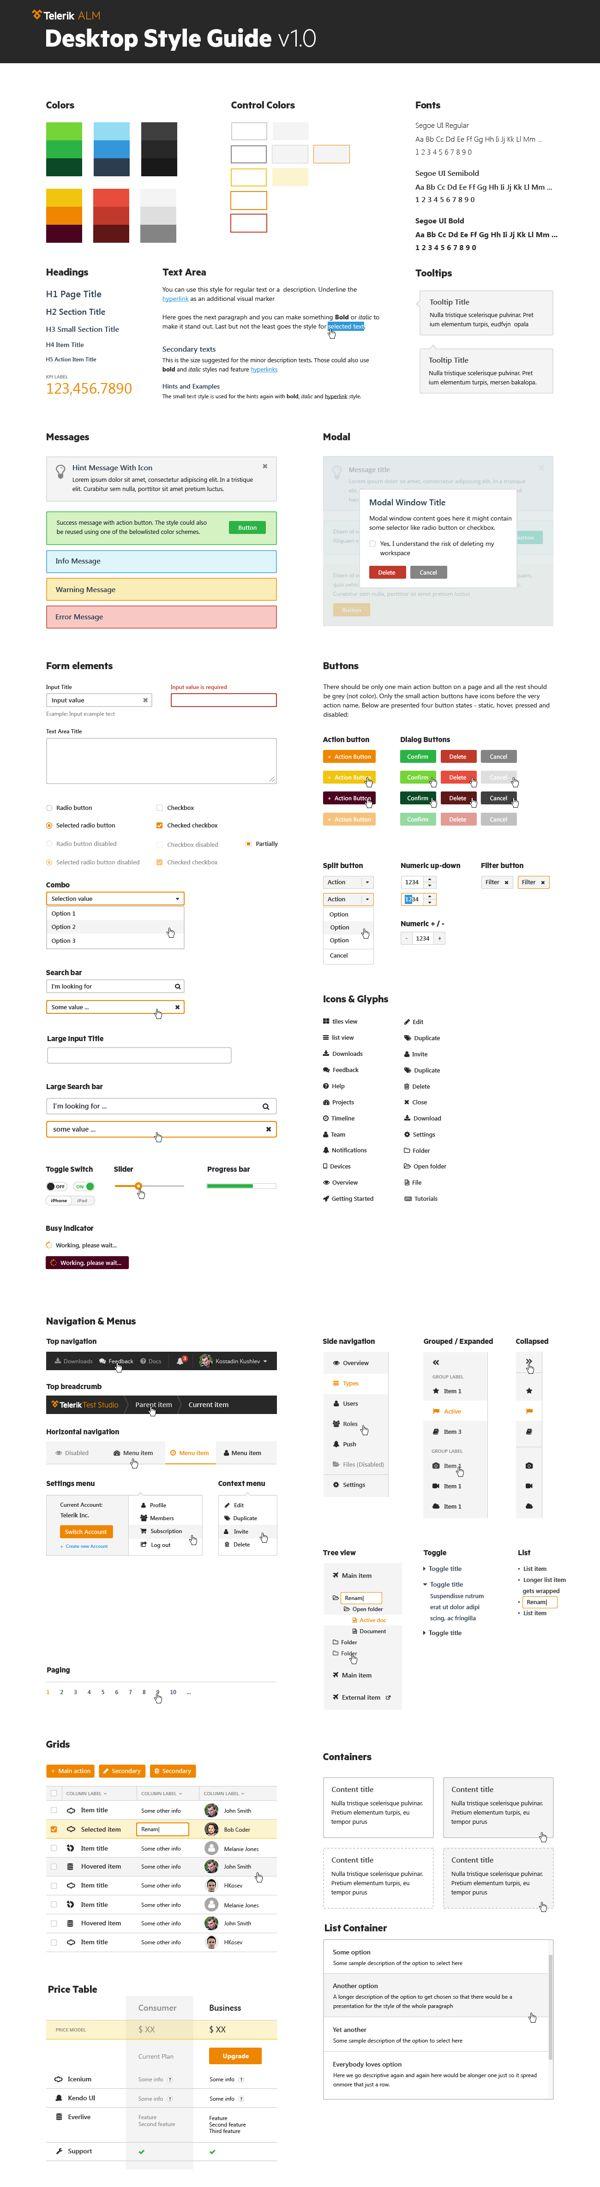 Telerik Desktop Style Guide